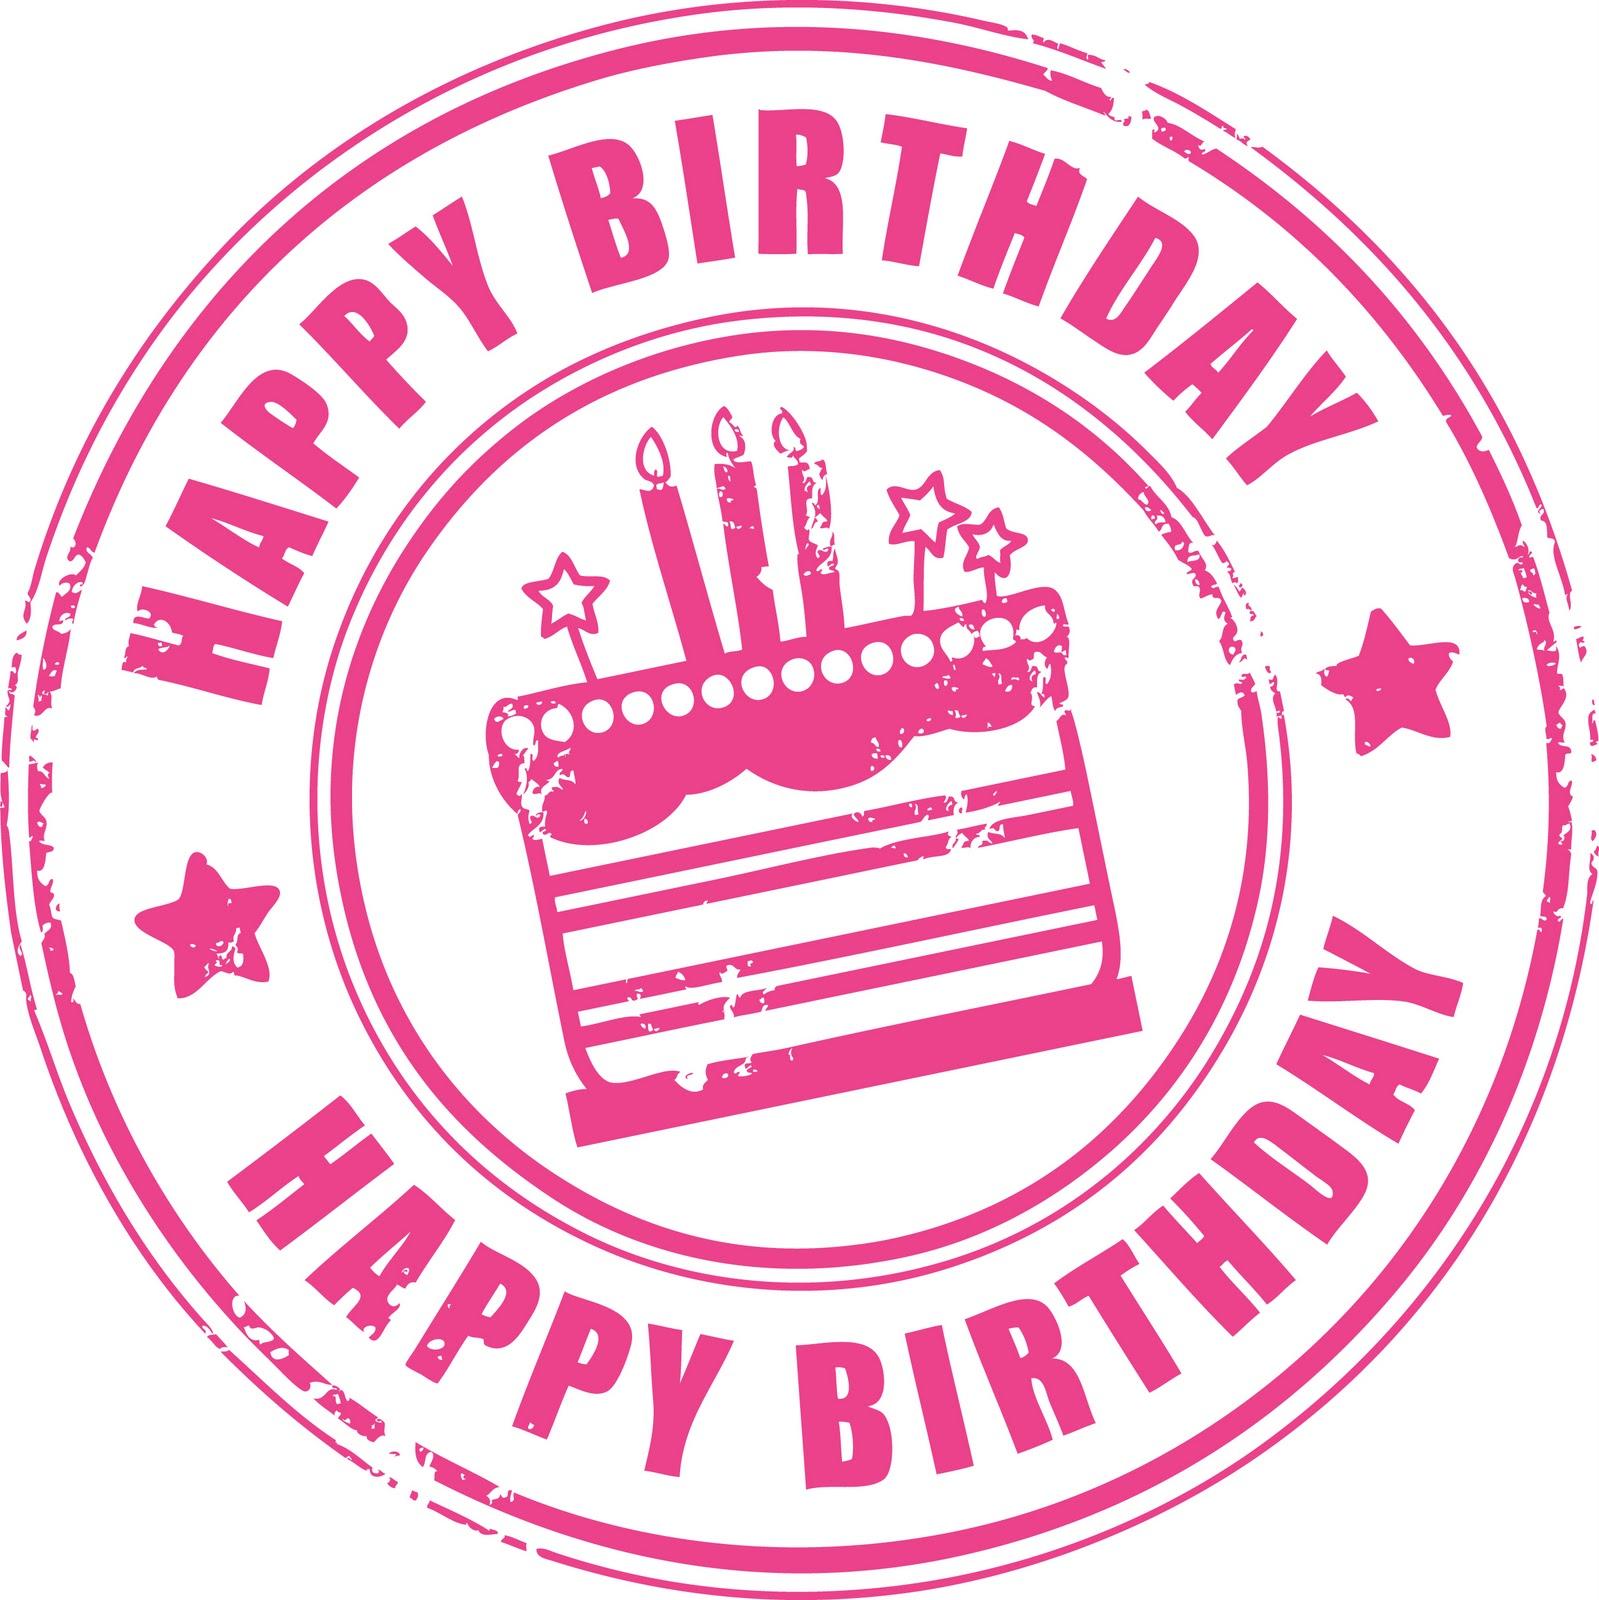 ... clip-art-birthday-clip-art-birthday-clip-art-birthday-n4LQ5r-clipart